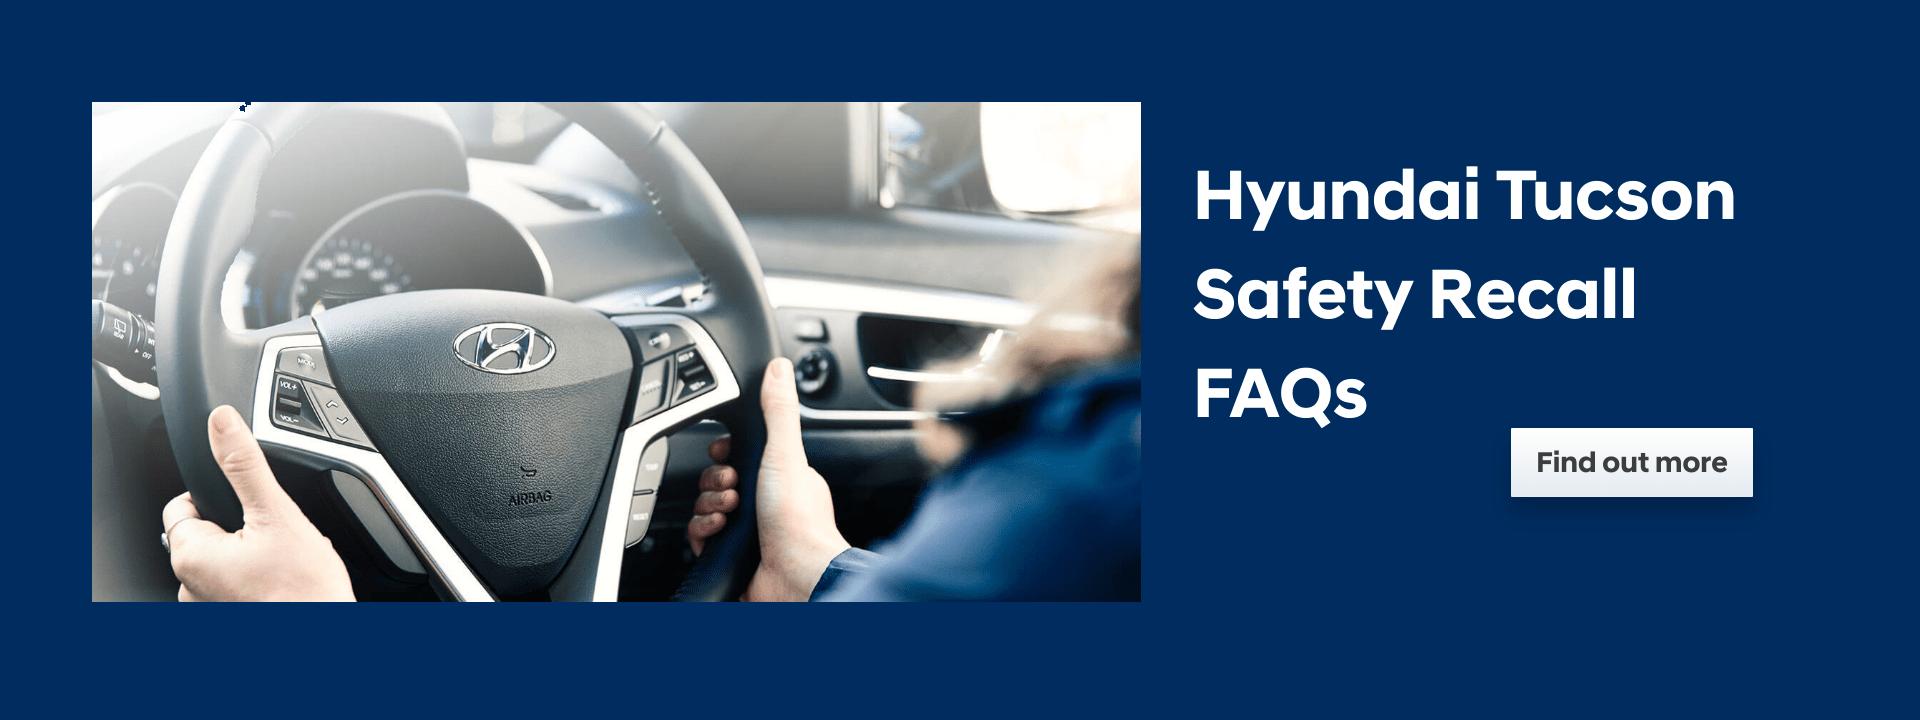 Hyundai Tucson Safety Recall